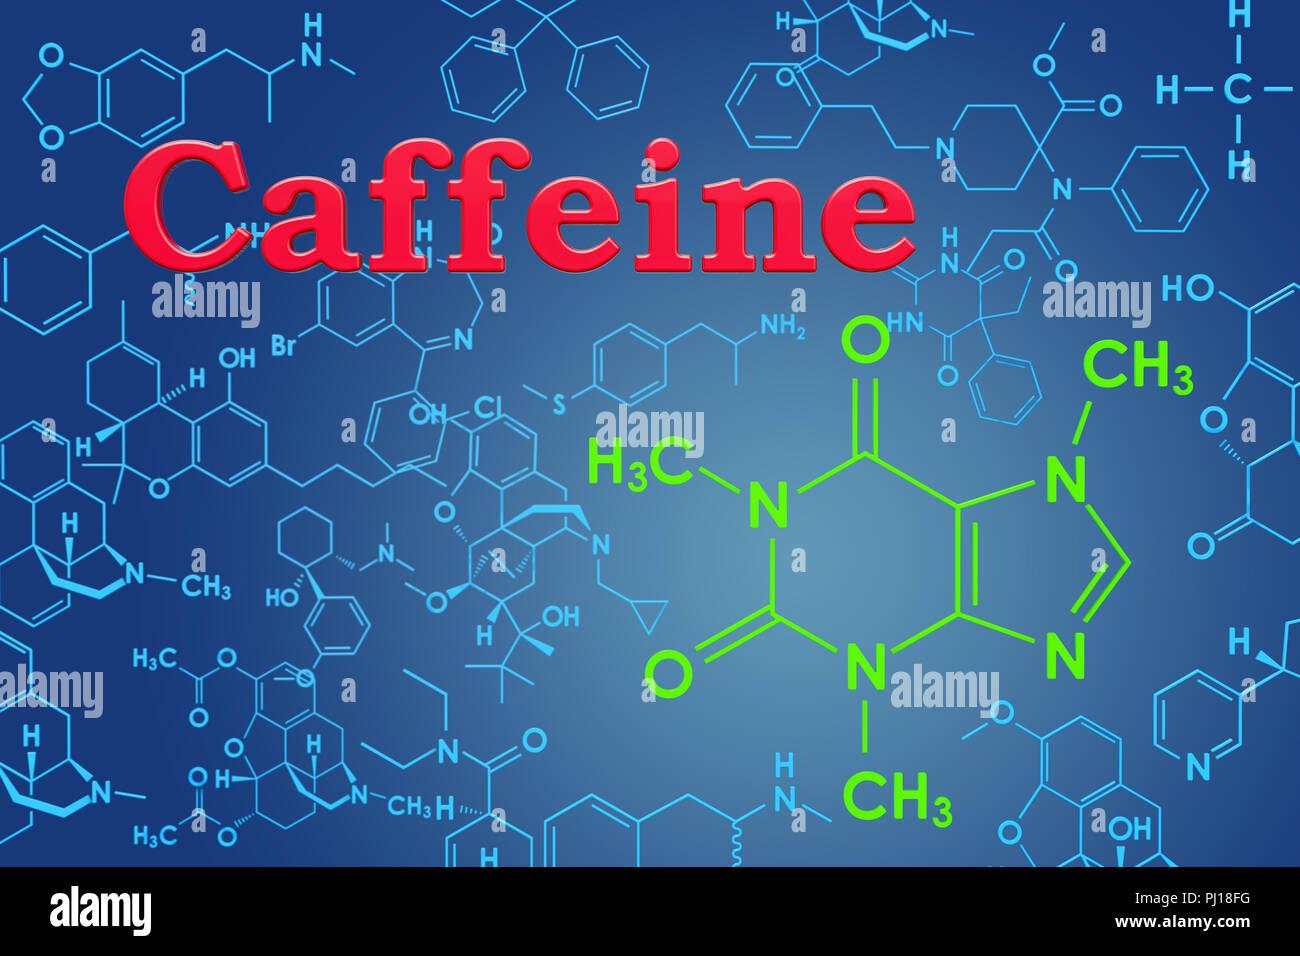 La Cafeína Fórmula Química Estructura Molecular 3d